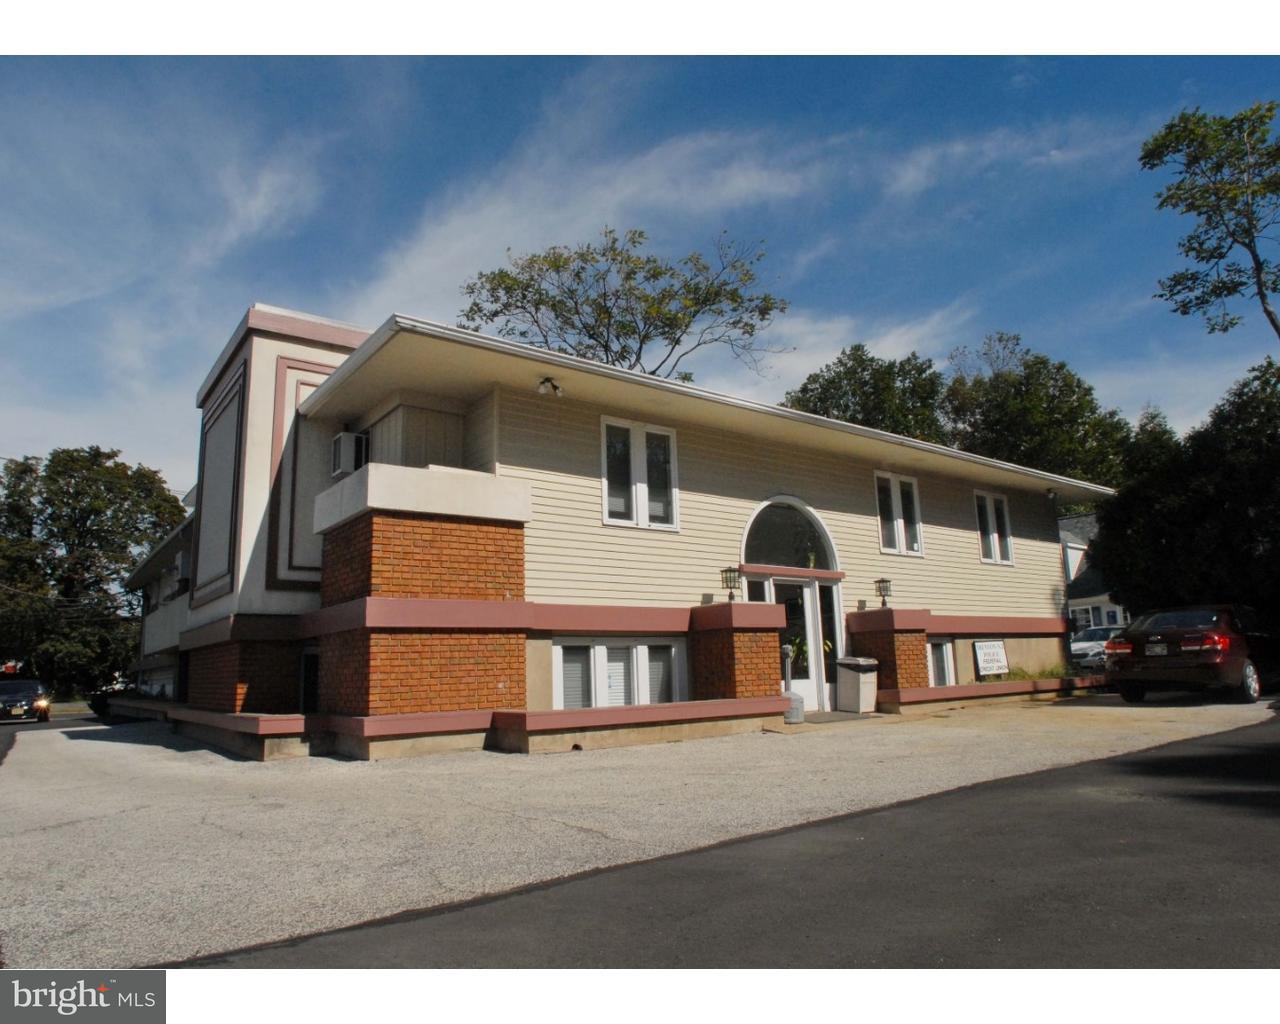 Μονοκατοικία για την Πώληση στο 2733 NOTTINGHAM WAY Trenton, Νιου Τζερσεϋ 08619 Ηνωμενεσ ΠολιτειεσΣτην/Γύρω: Hamilton Township